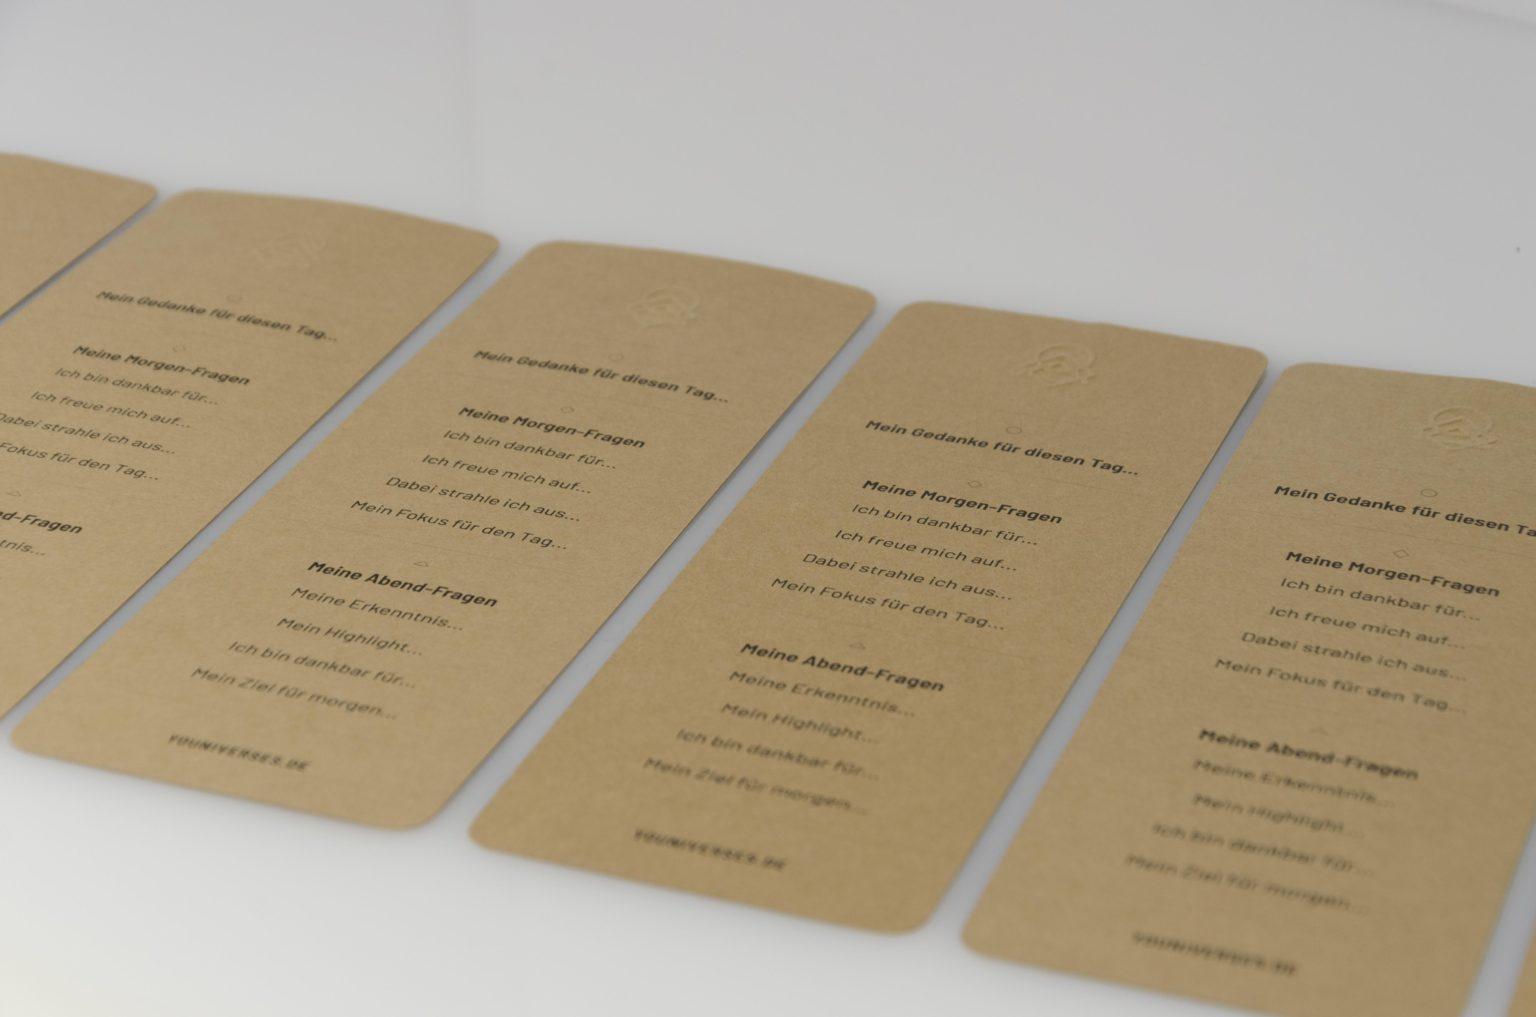 Das Journaling-Lesezeichen optional aus recyceltem Wurzelholz oder Birkenholz. Fragen für eine Dankbarkeitsroutine. 5-Minuten Tagebuch. Achtsamkeit. Das JOURNAL, das flexible Buch zum journaln, fokussieren, um ein Dankbarkeitspraxis und eine Routine in den Alltag zu integrieren. Journal. YOUNIVERSES Atelier für achtsames & spirituelles Design, Herdwangen-Schönach, Pfullendorf, Sigmaringen, Überlingen. Womenhood. Weiblichkeit. Female empowerment. Kunsthalle Kleinschönach.